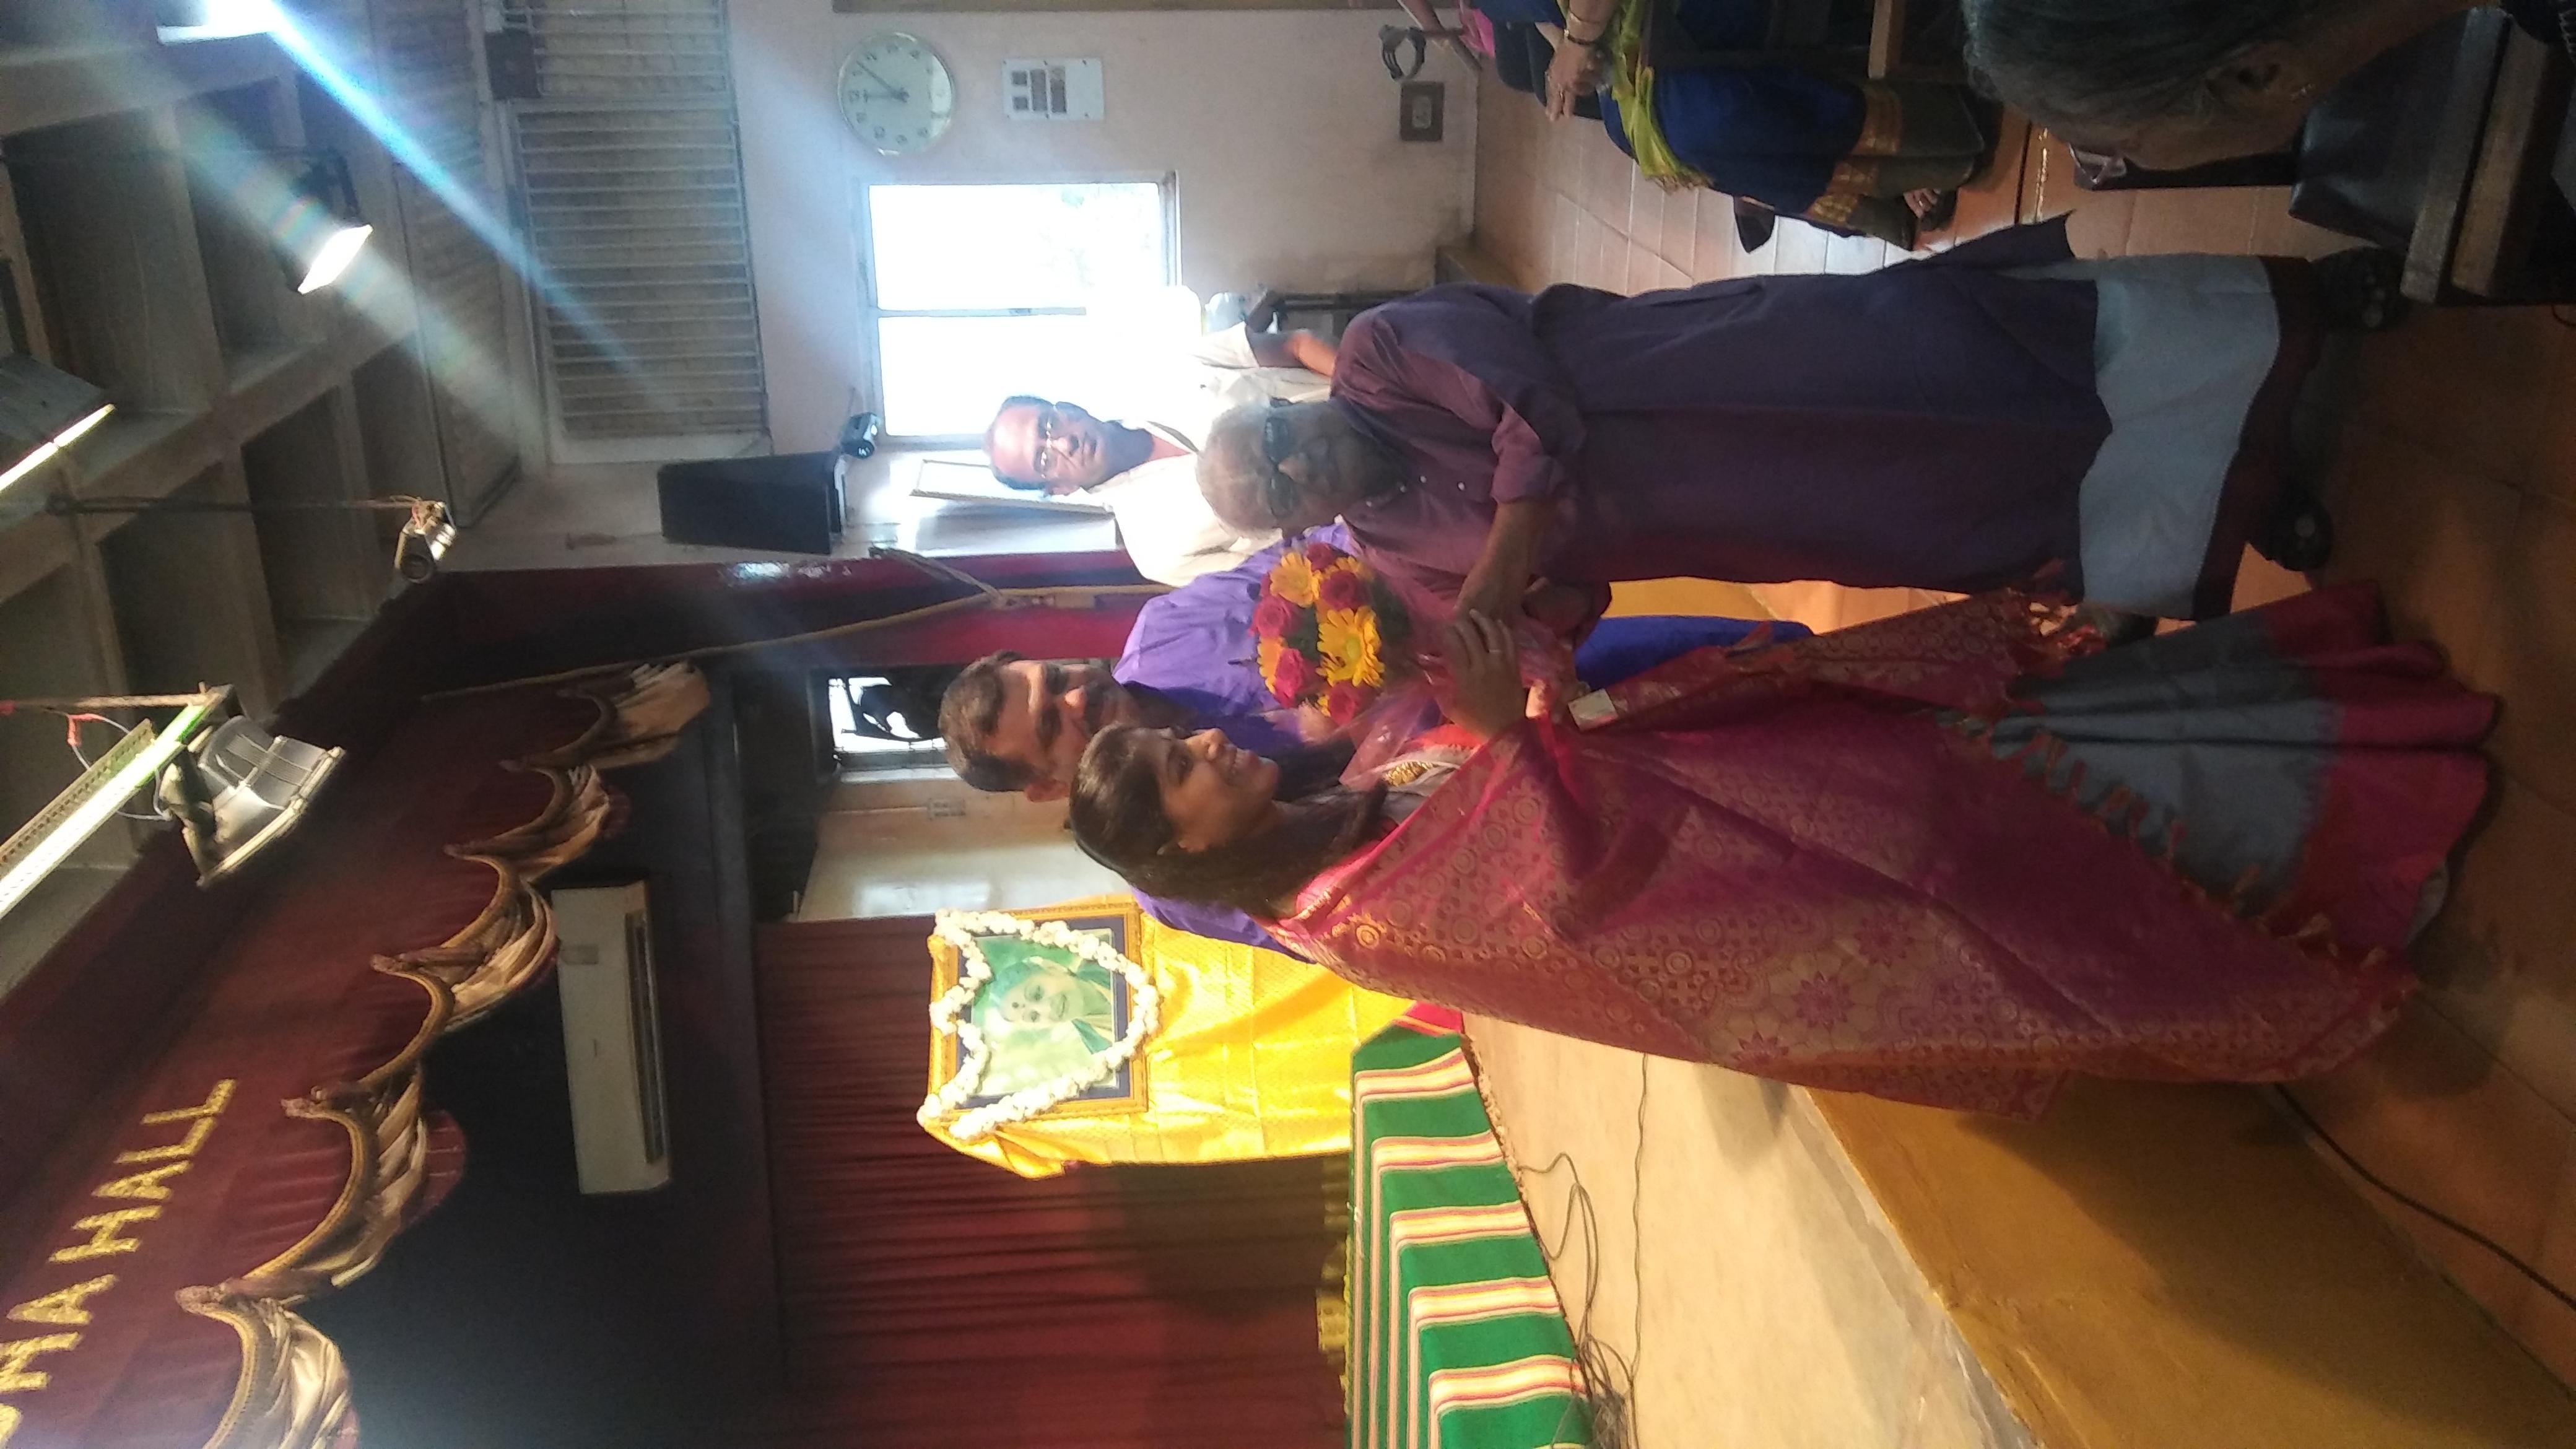 Kiranavali, Dr. T K Murthy & Cheenu